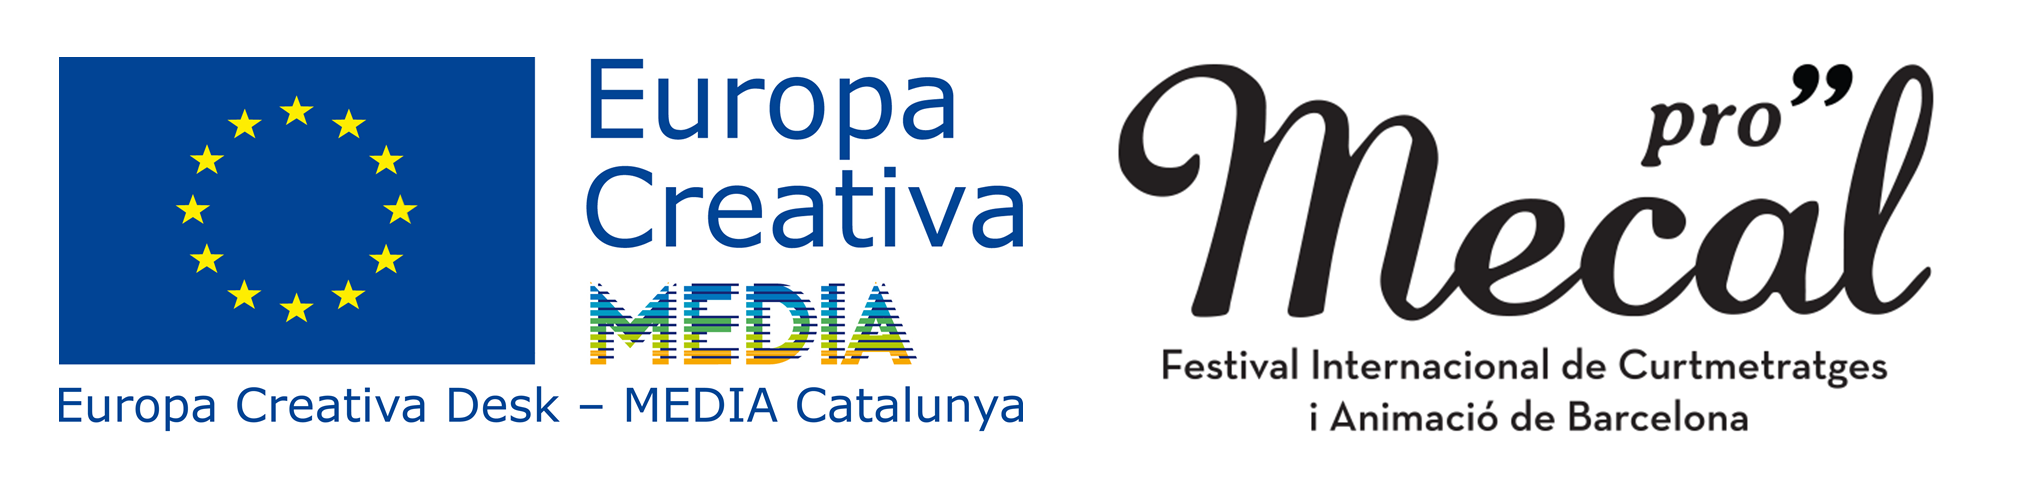 Jornada de Producció d'Animació Europa Creativa Desk – MEDIA Catalunya al Festival Mecal Pro 2014